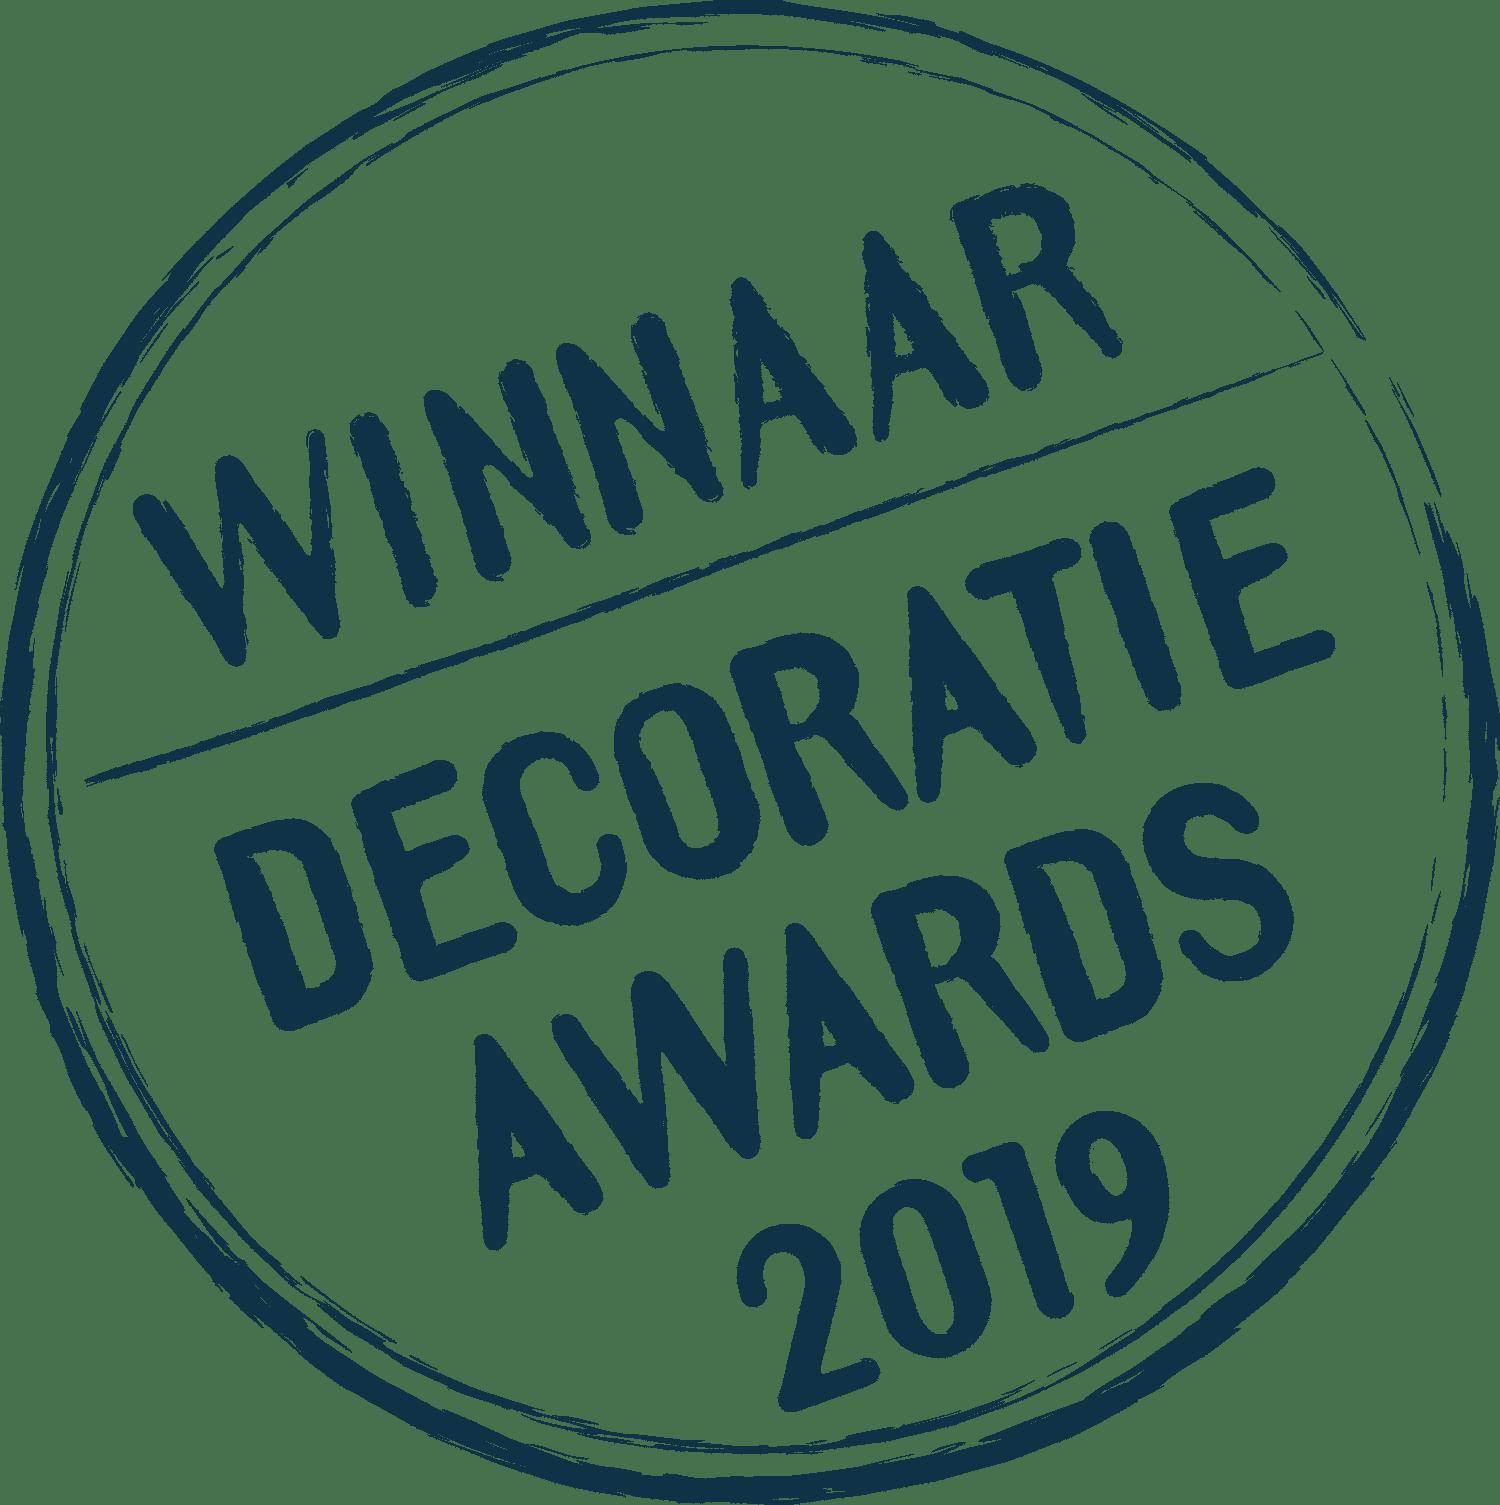 Winnaar Decoratie Awards 2019